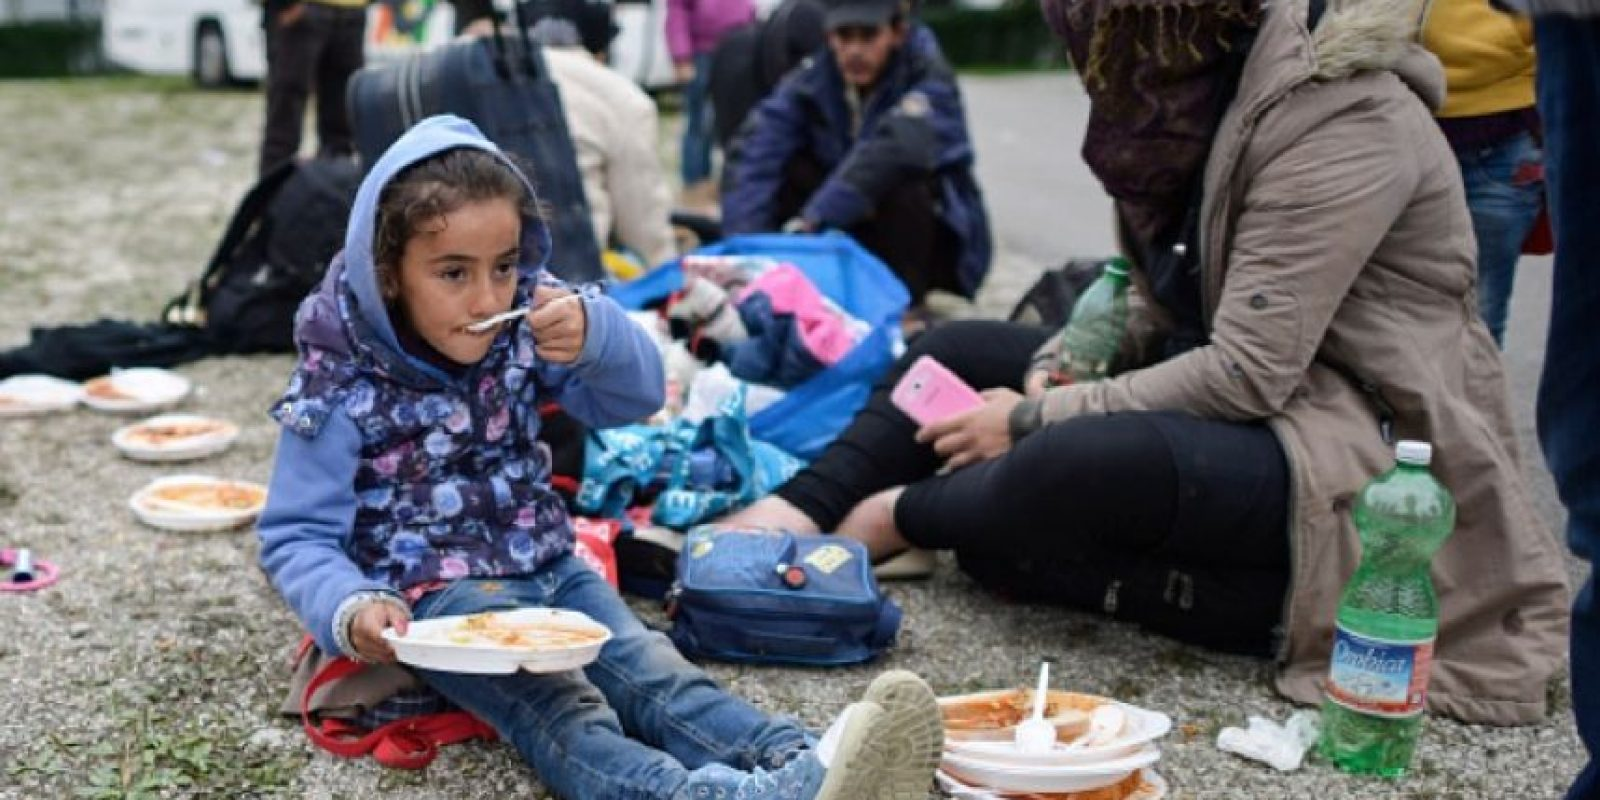 La magnitud del conflicto sirio aumenta constantemente. La Oficina del Alto Comisionado de las Naciones Unidas para los Refugiados calcula que hay más de 4.1 millones de refugiados sirios registrados. La mayoría emigró a países vecinos y más de 500 mil pidieron asilo en Europa. Foto:Getty Images